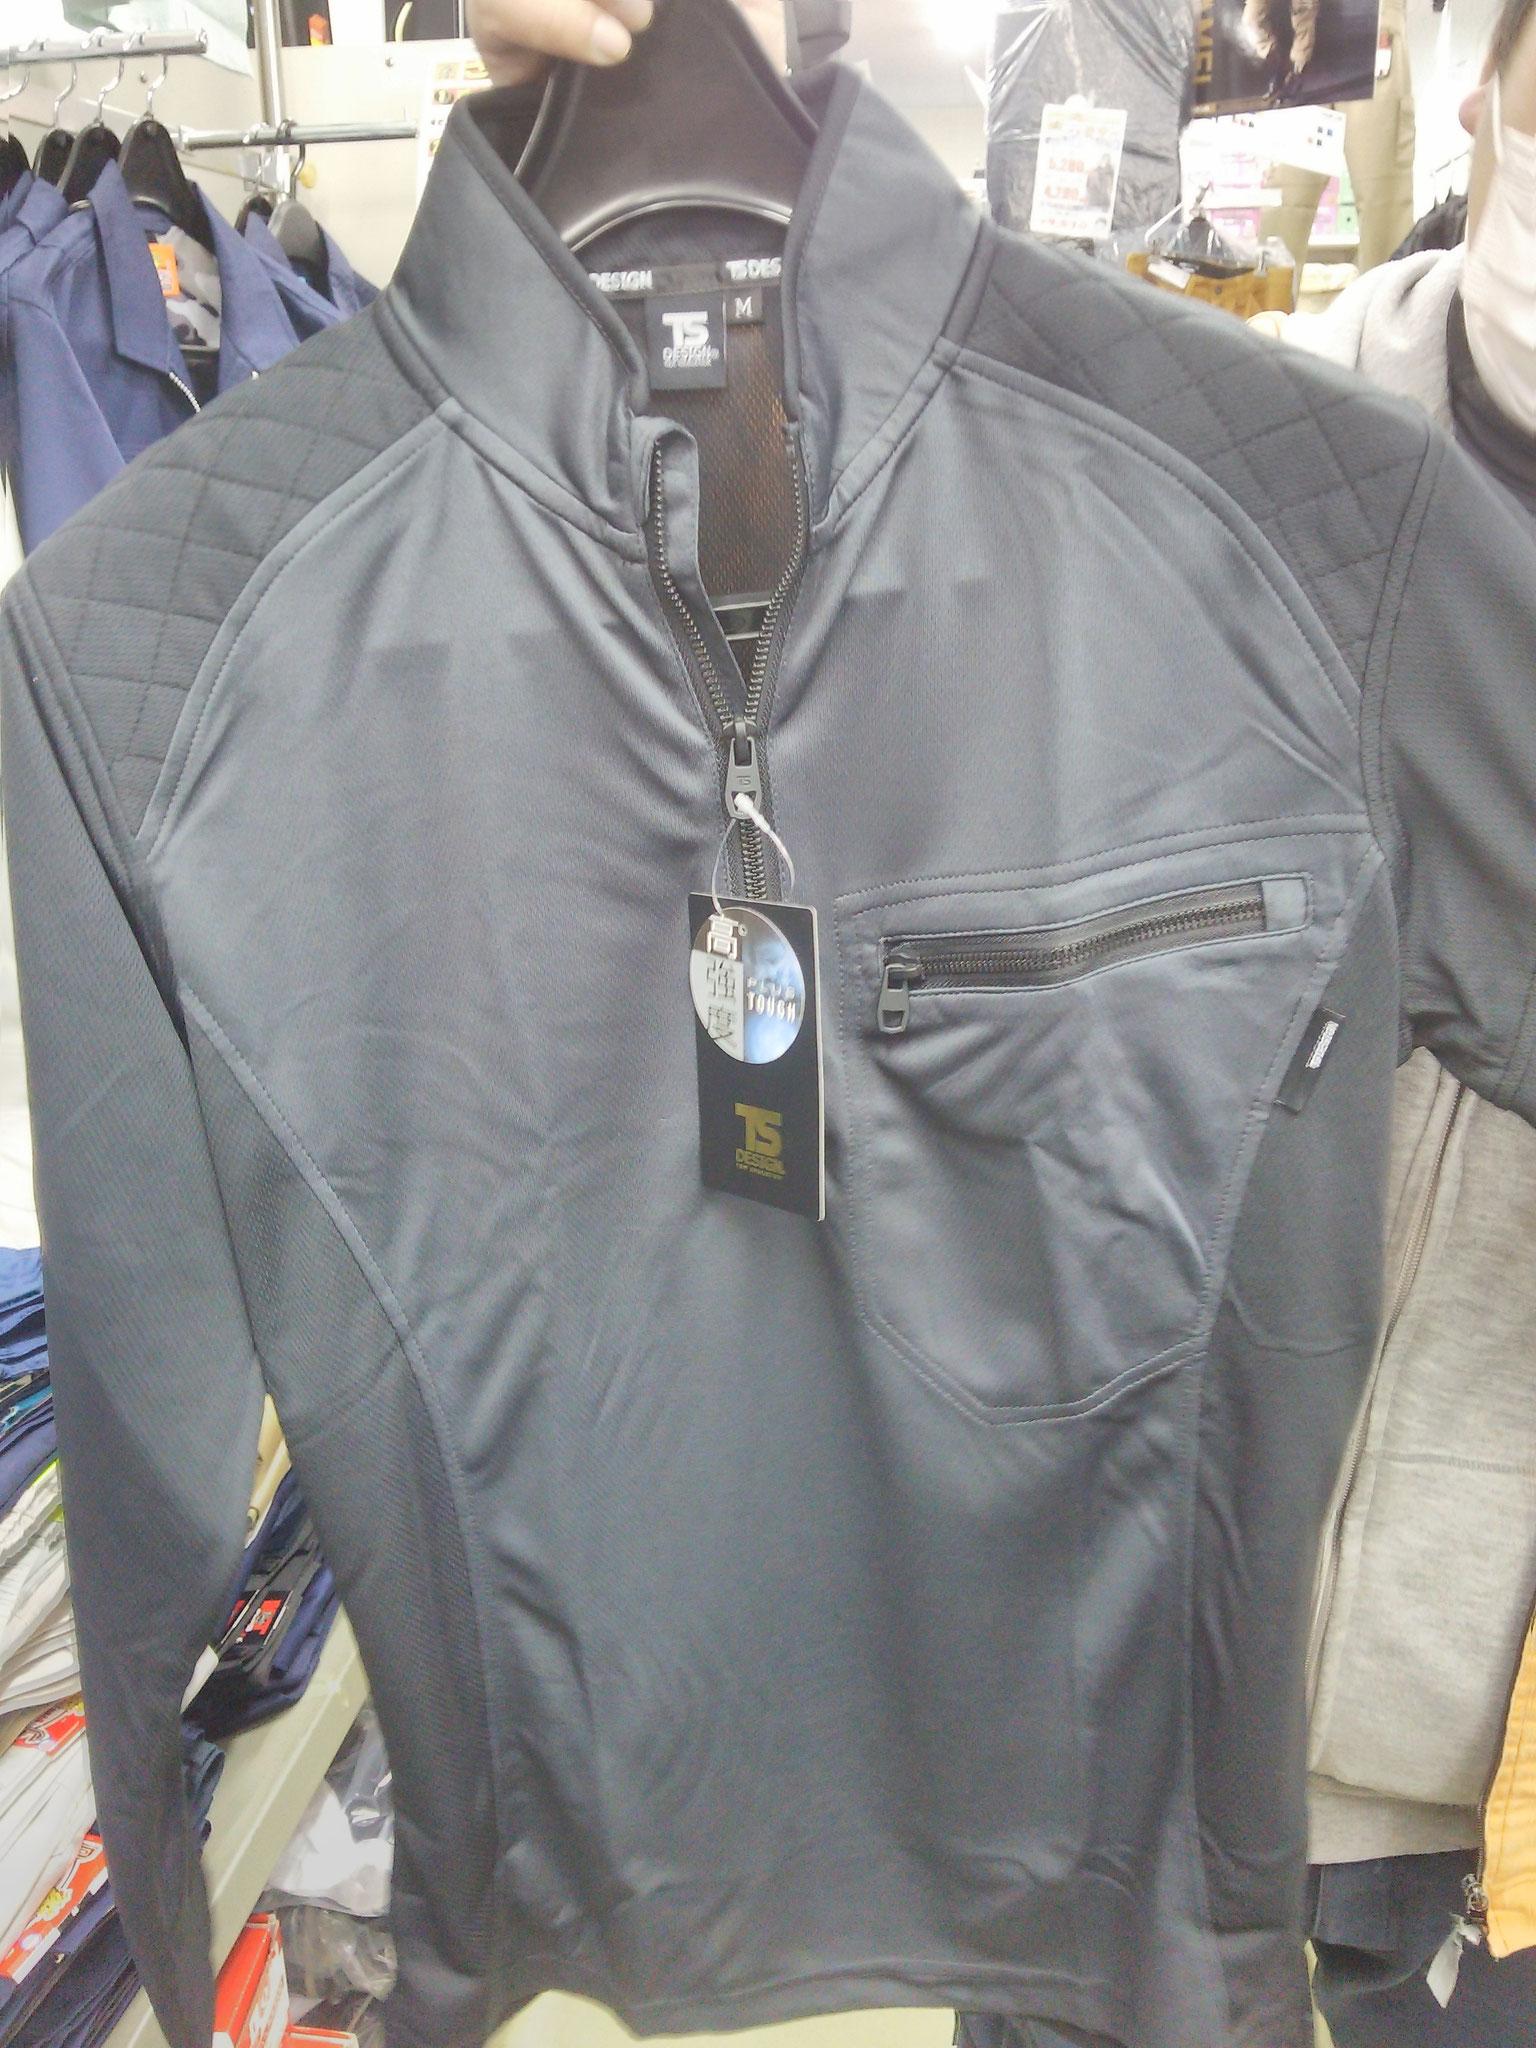 846305 ワークニットロングシャツ ¥3,290(税込)べたつきにくいドライメッシュ採用。